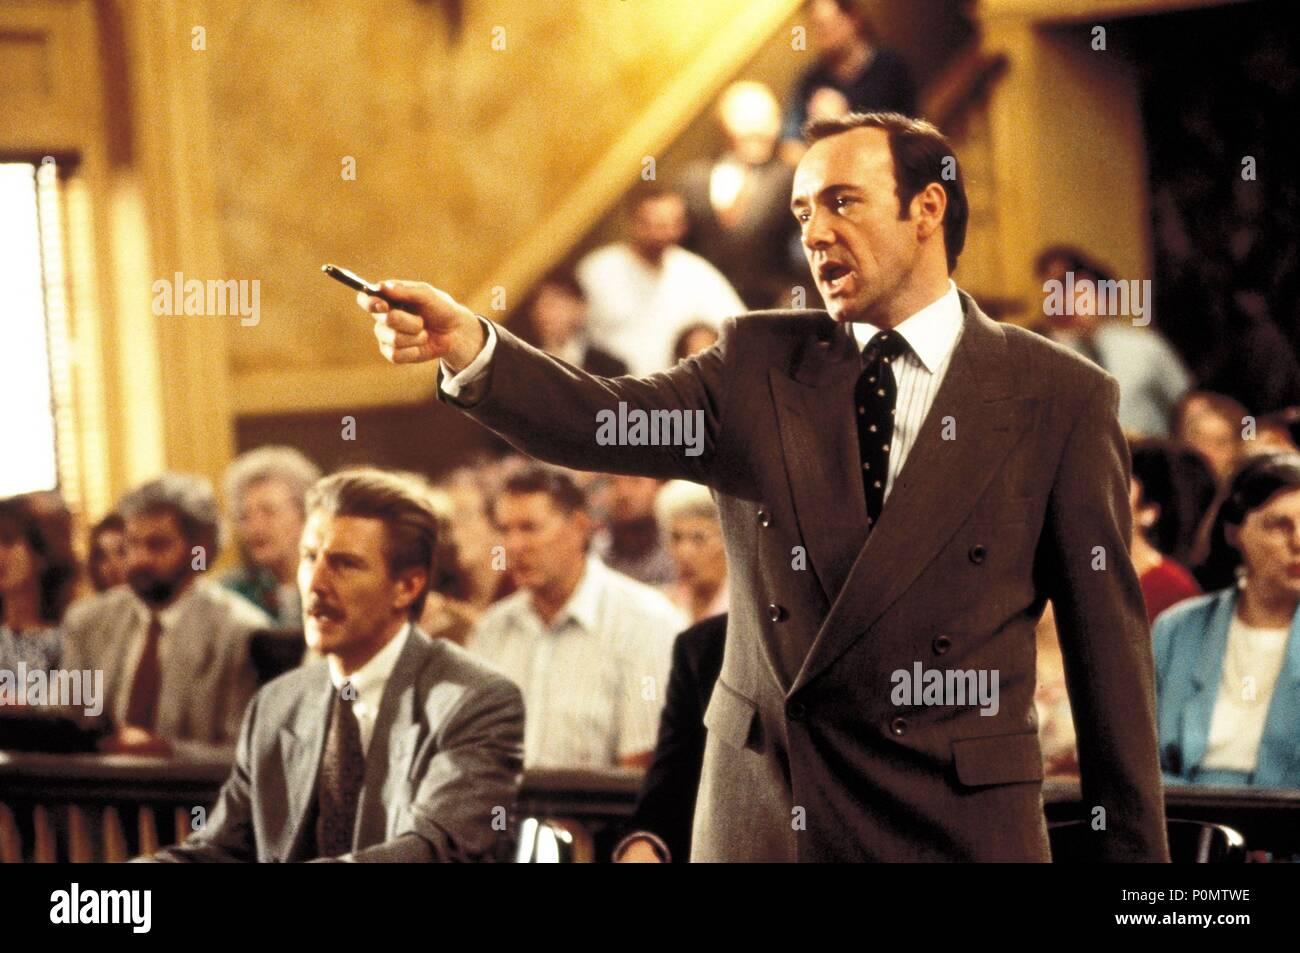 Joel Schumacher: career as an American film director 25